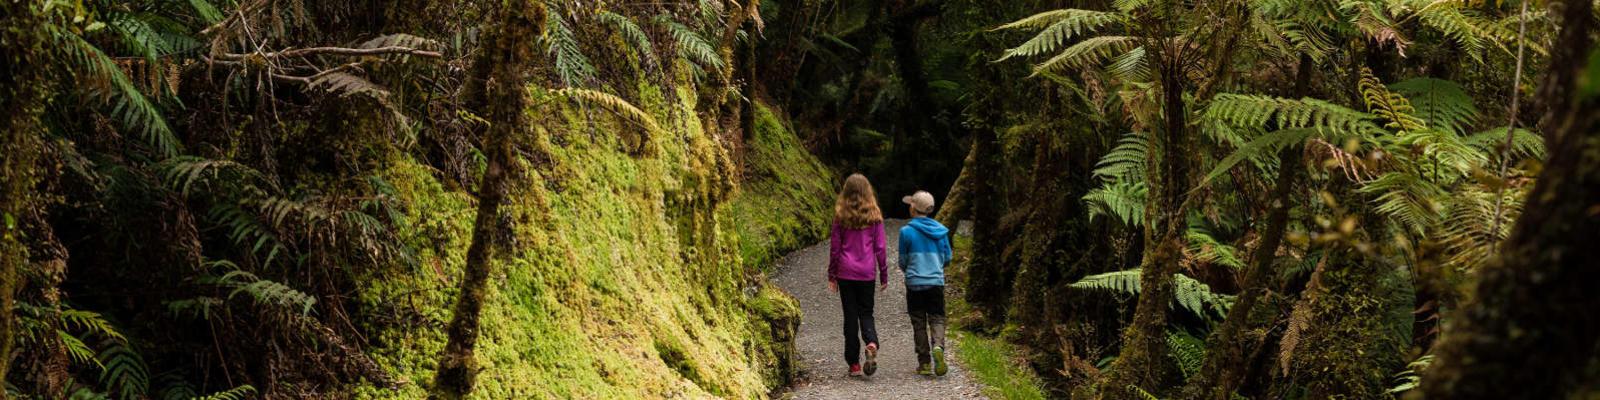 children walking through forest in new zealand